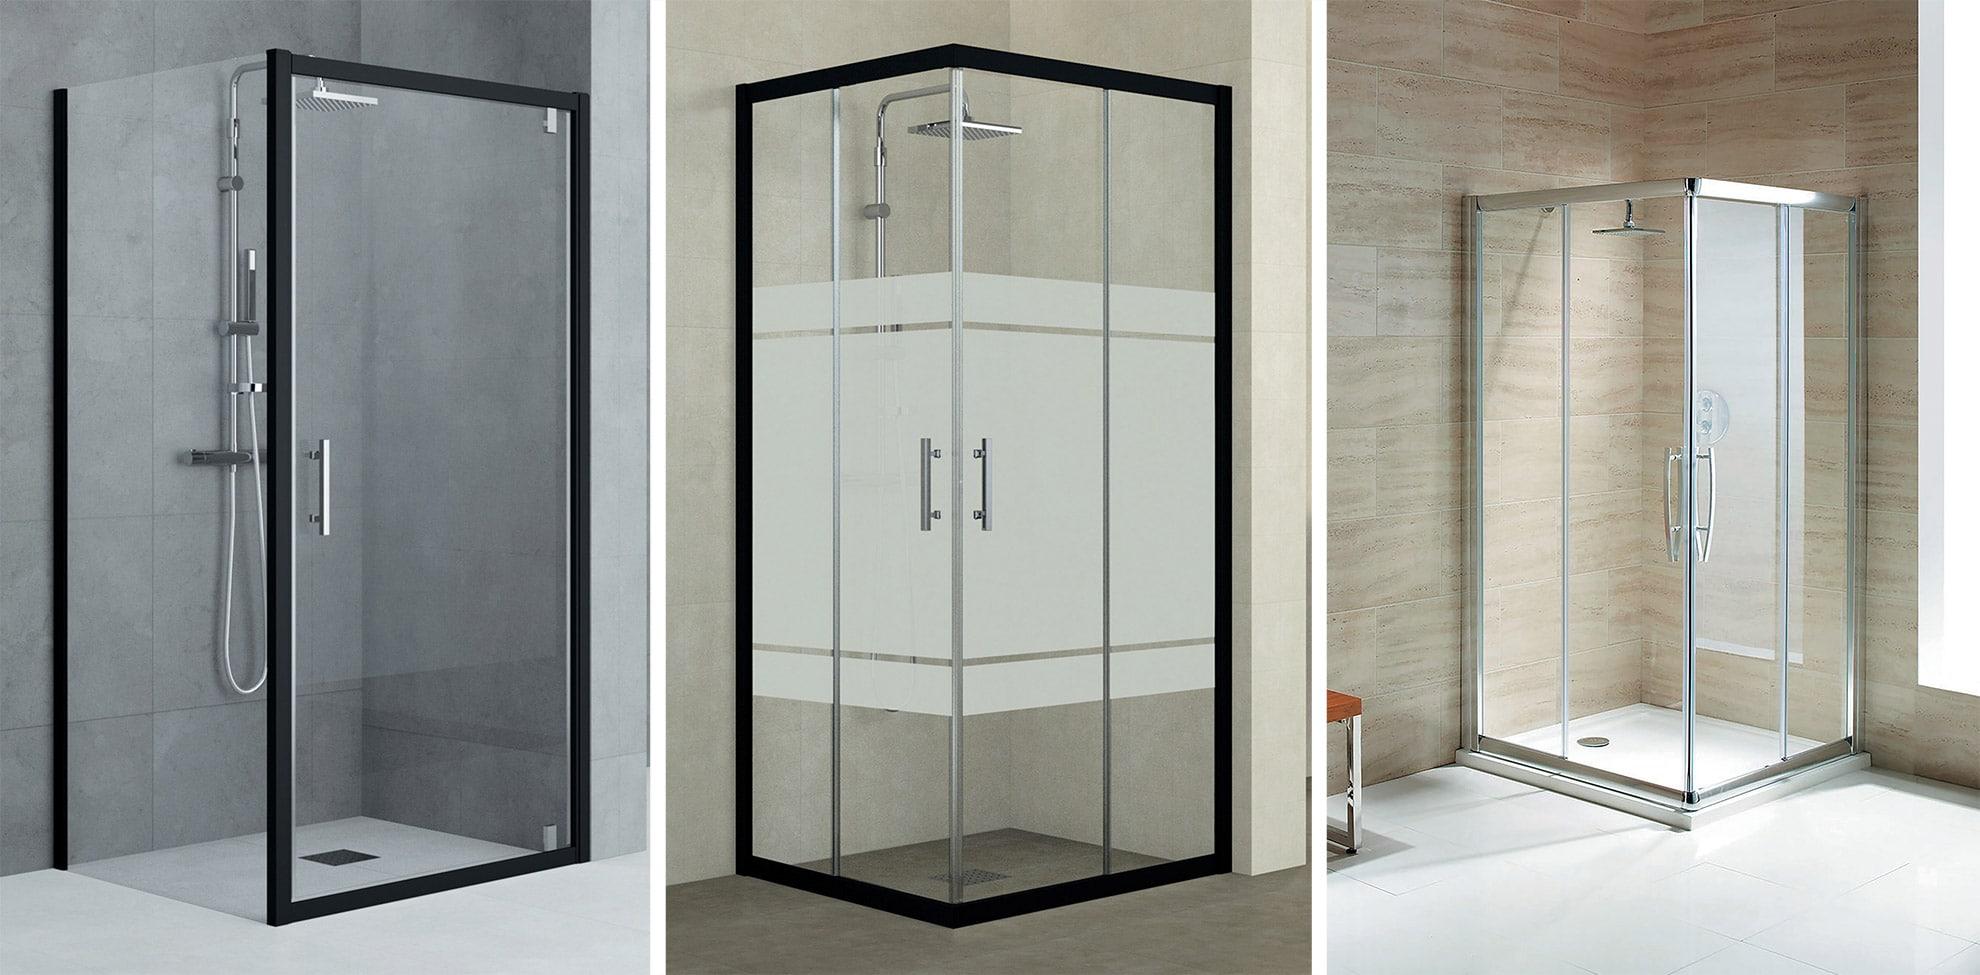 Sgabello doccia leroy merlin design - Cabine doccia multifunzione leroy merlin ...